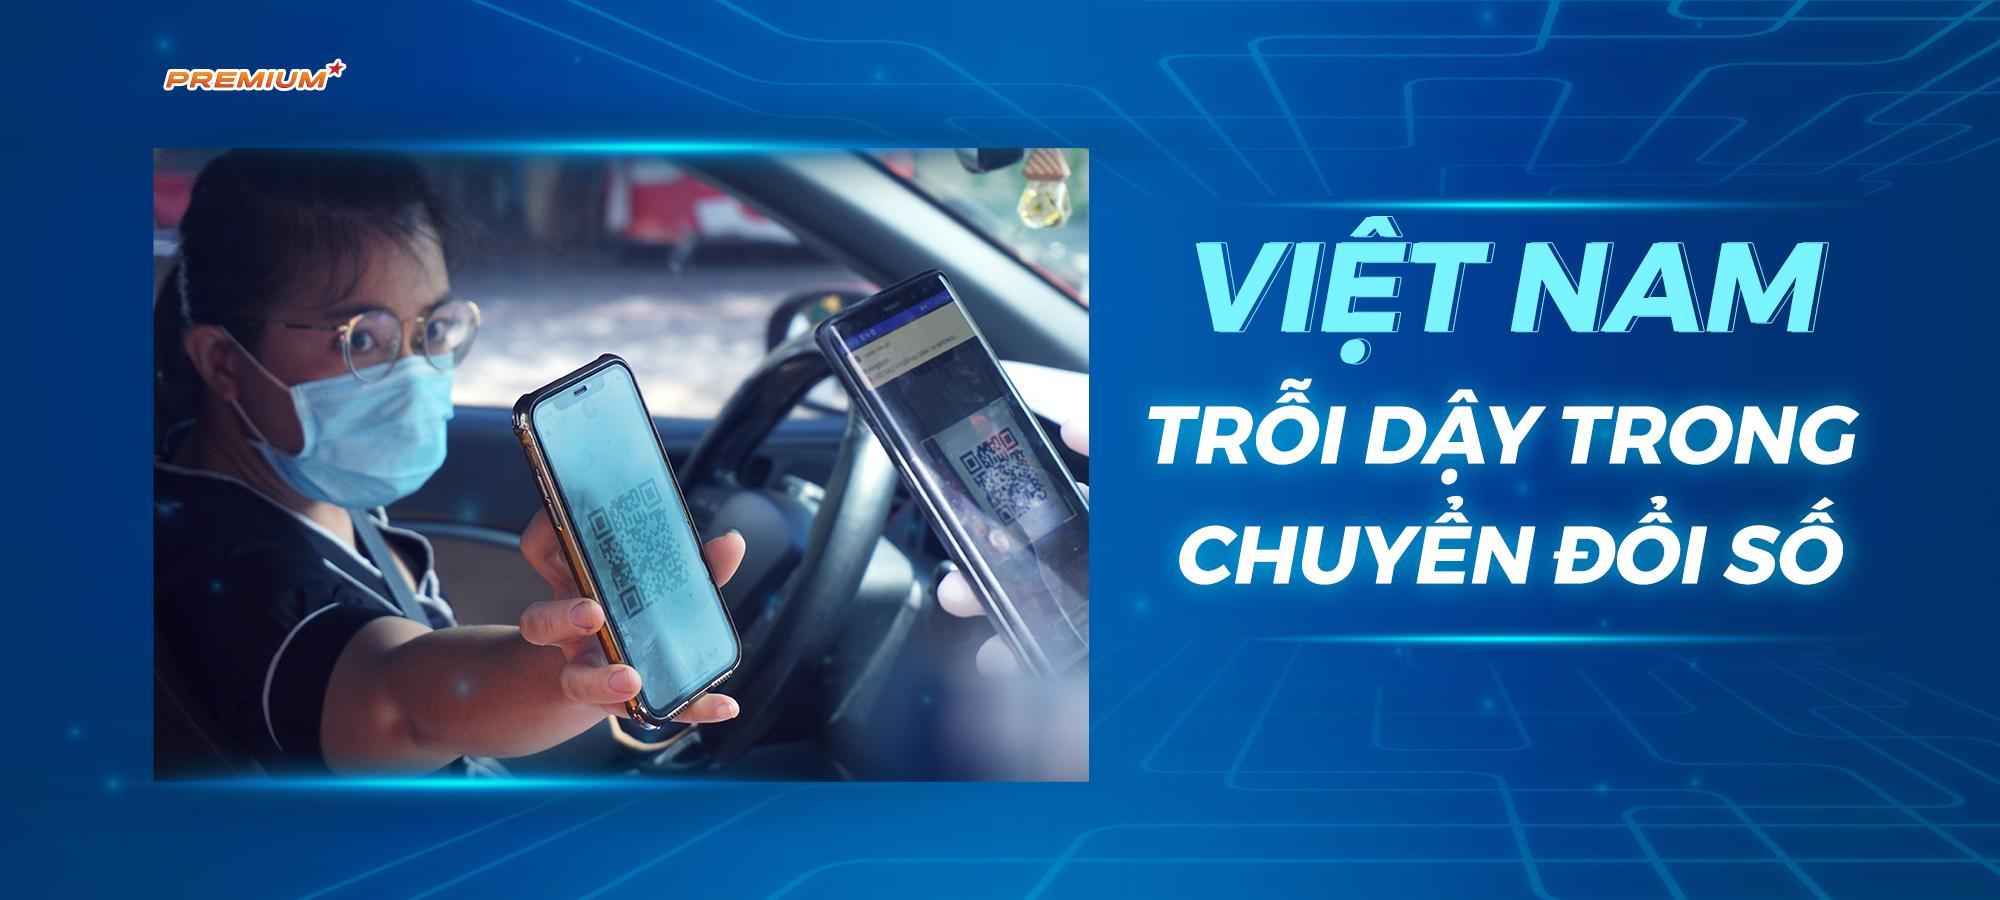 Việt Nam trỗi dậy trong chuyển đổi số